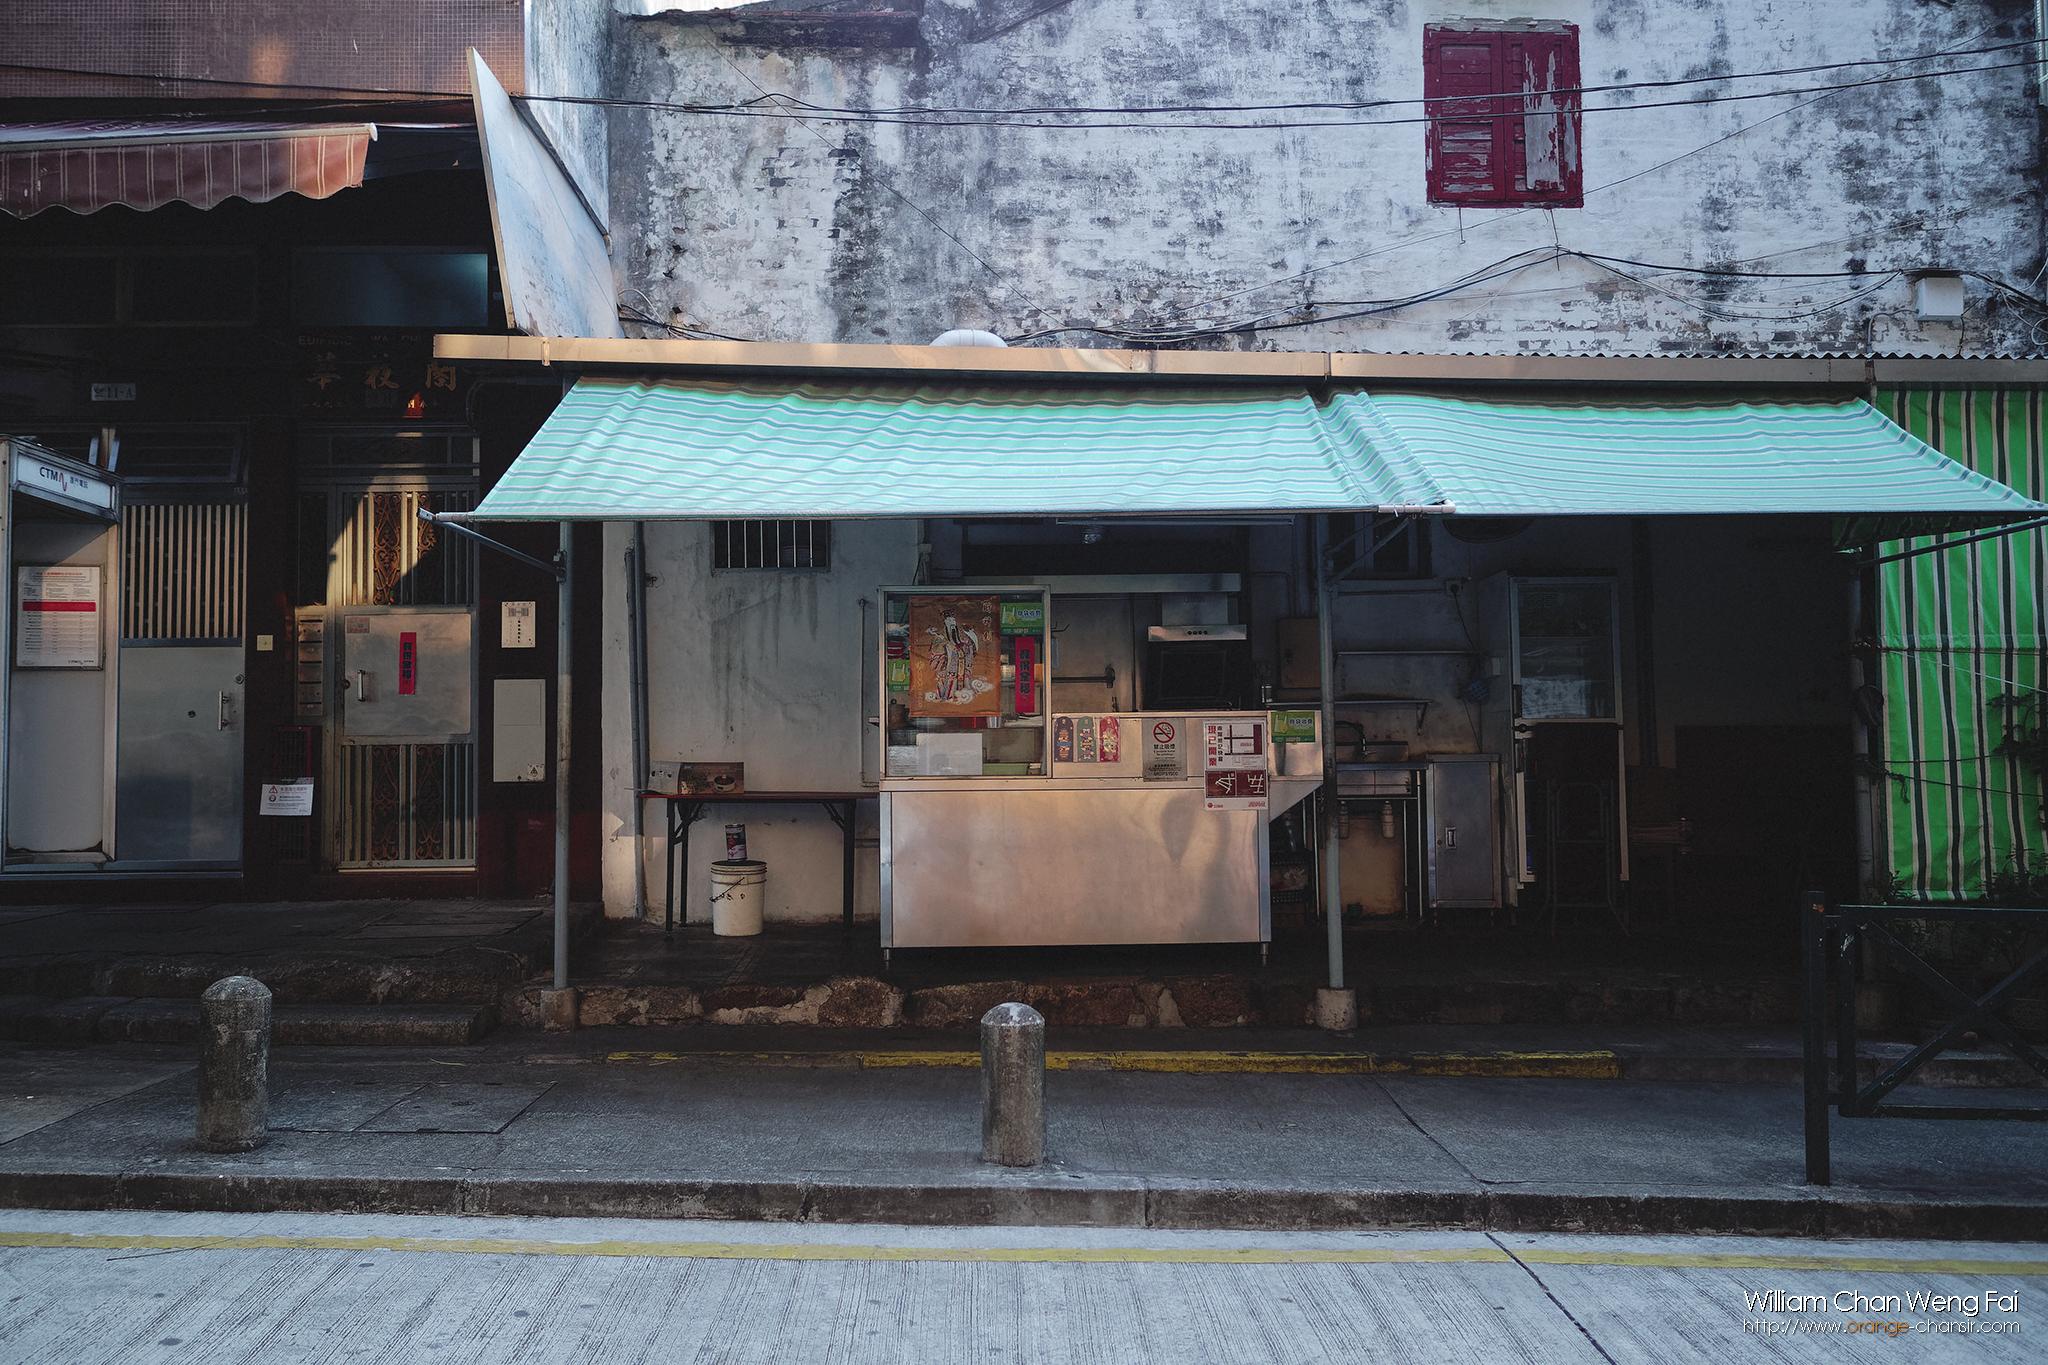 食肆容易群集,很多小店都不設堂食,甚至索性不開門,處處美食的小城突然之間沒了美食的氛圍……